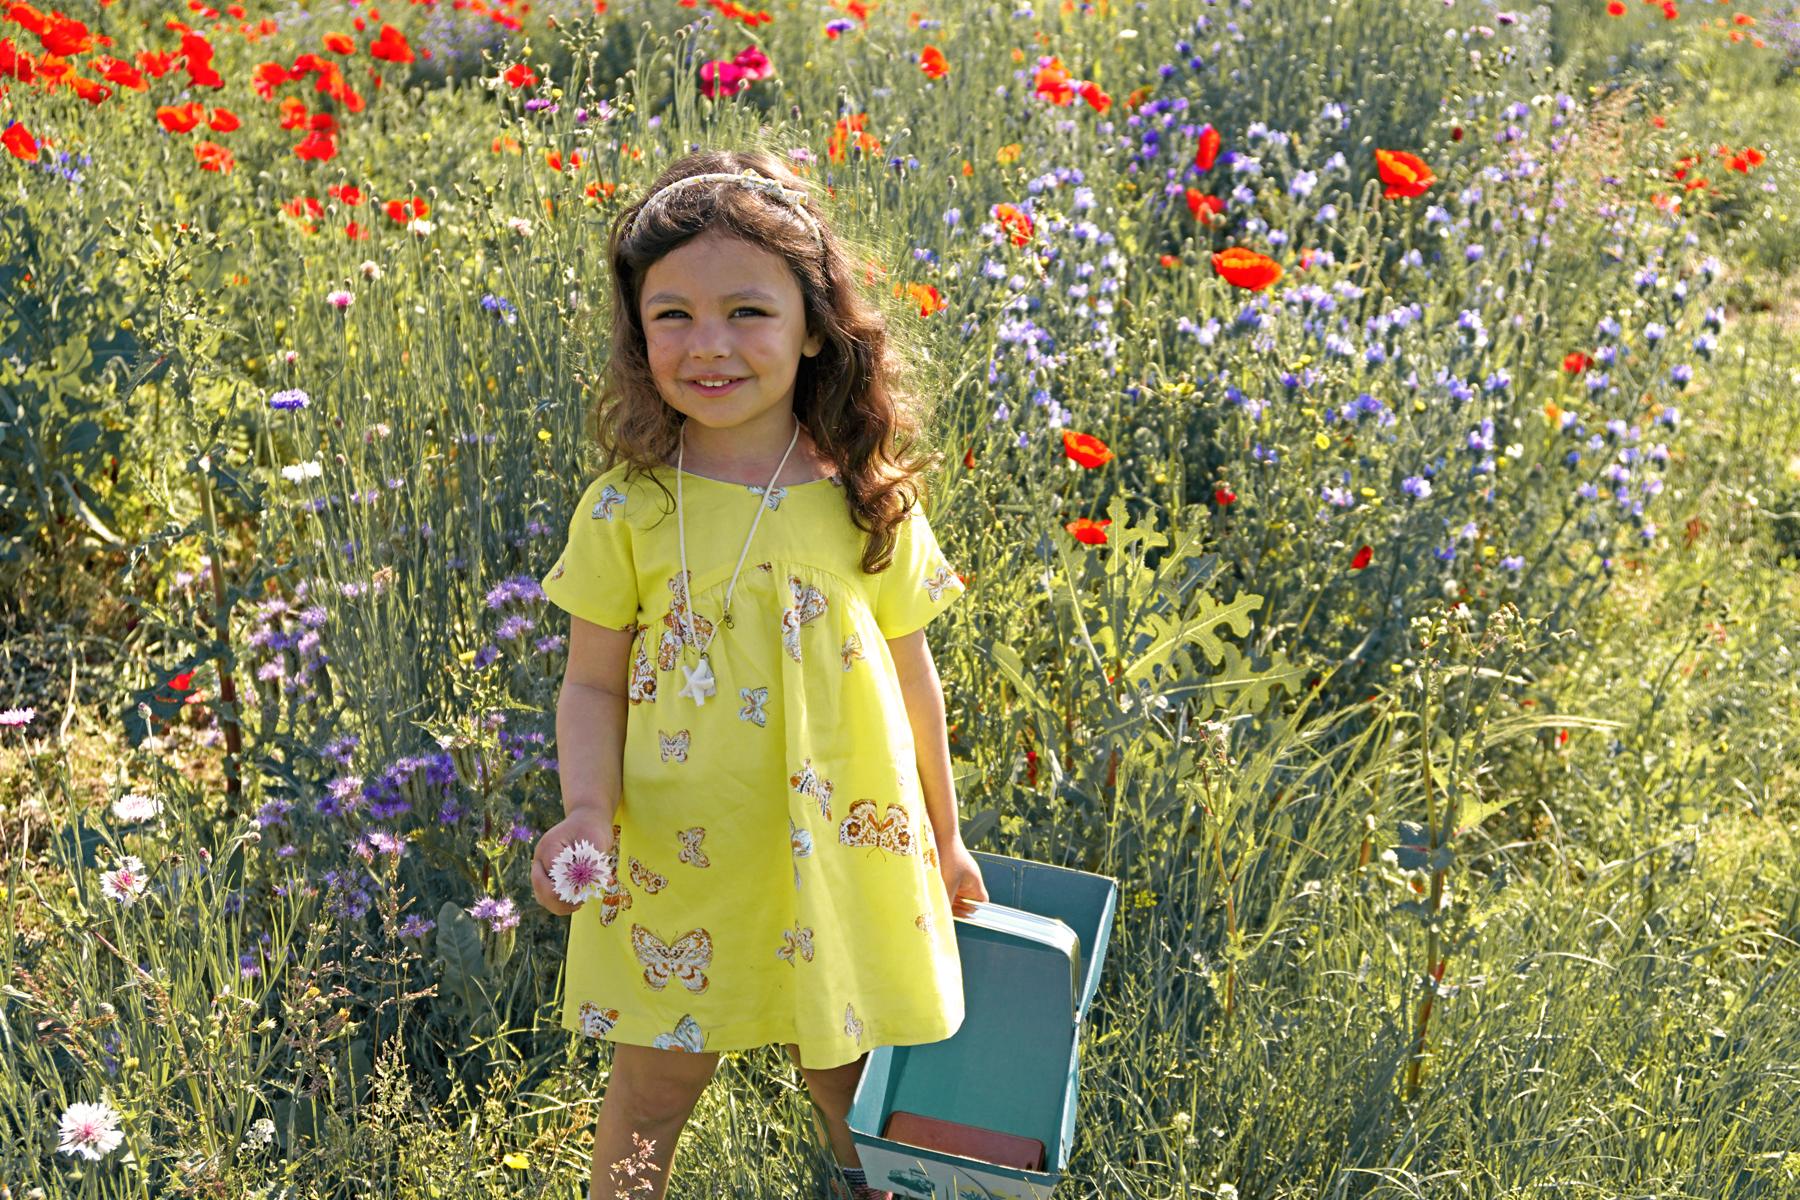 Petite fille dans un champs de fleurs à Fraisochamps, Thil